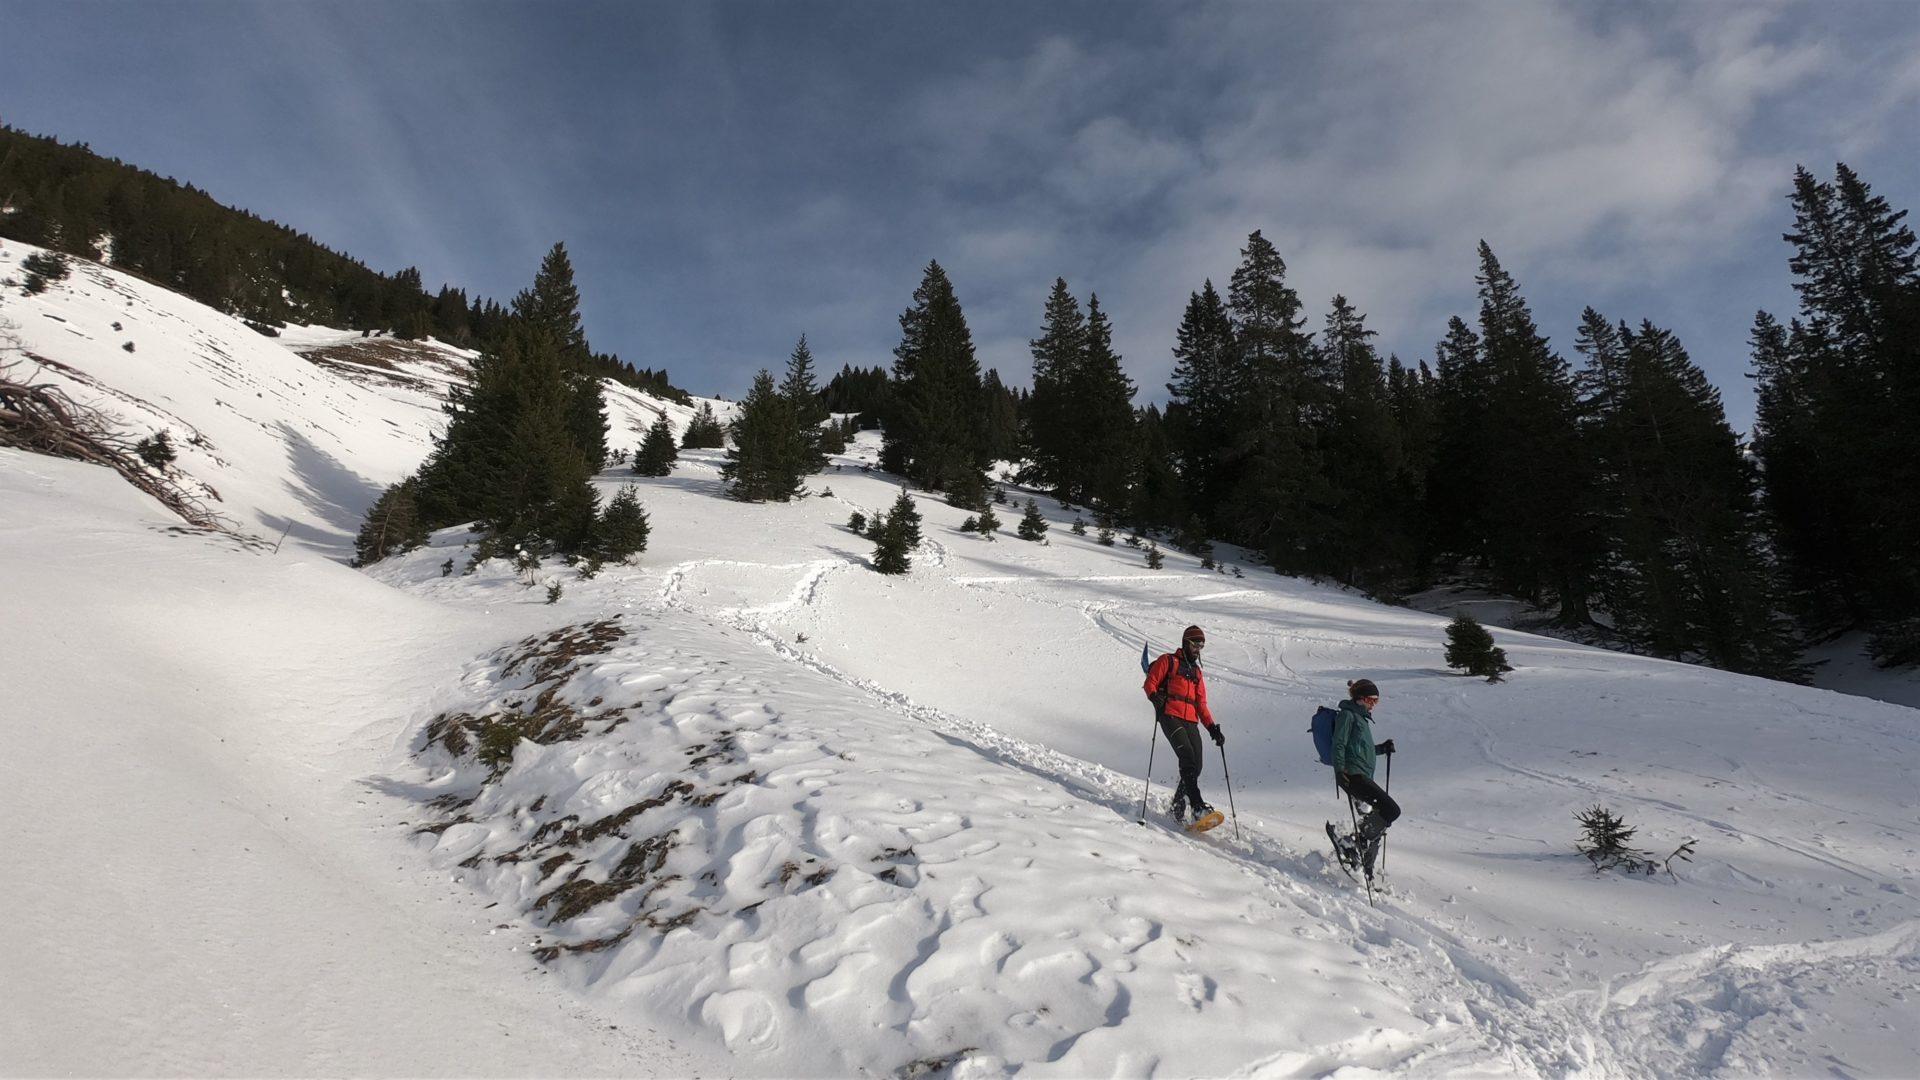 Bergsport Winter Schneeschuhwandern Krinnenspitze Stefan Strunk